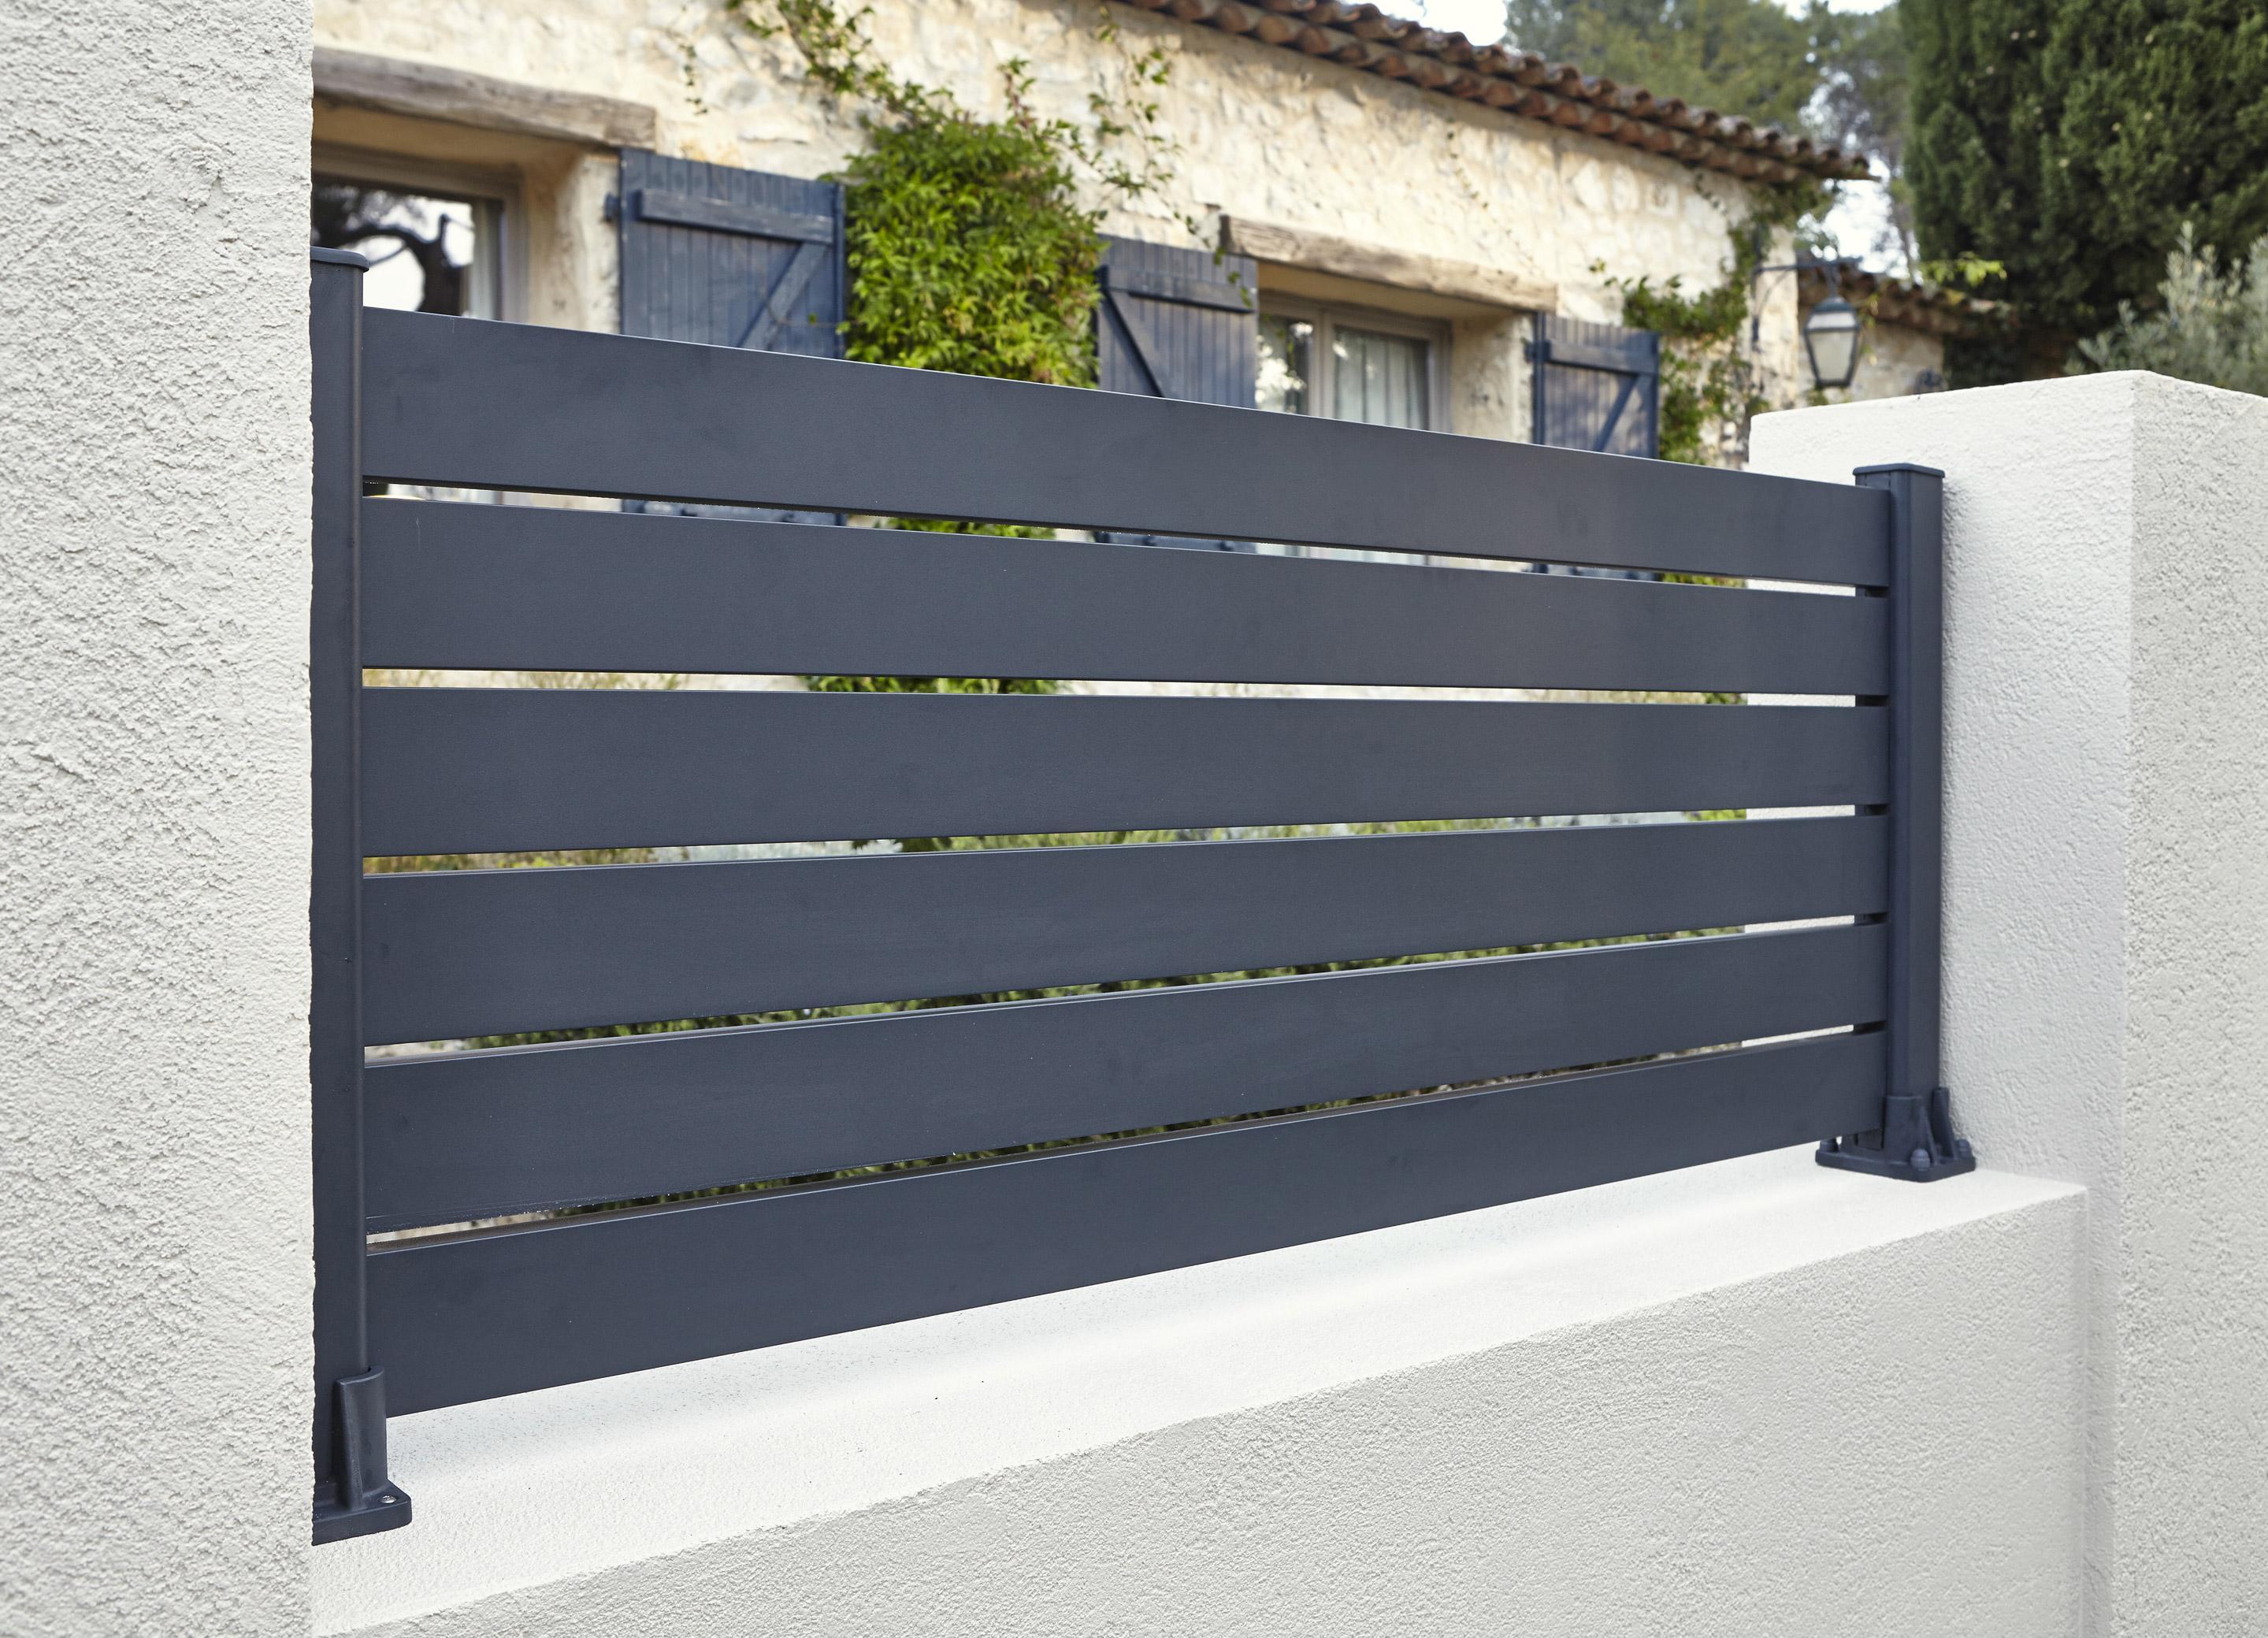 Claustra Alu Leroy Merlin lame de clôture aluminium klos-up ! naterial gris zingué, h.9 x l.145 cm